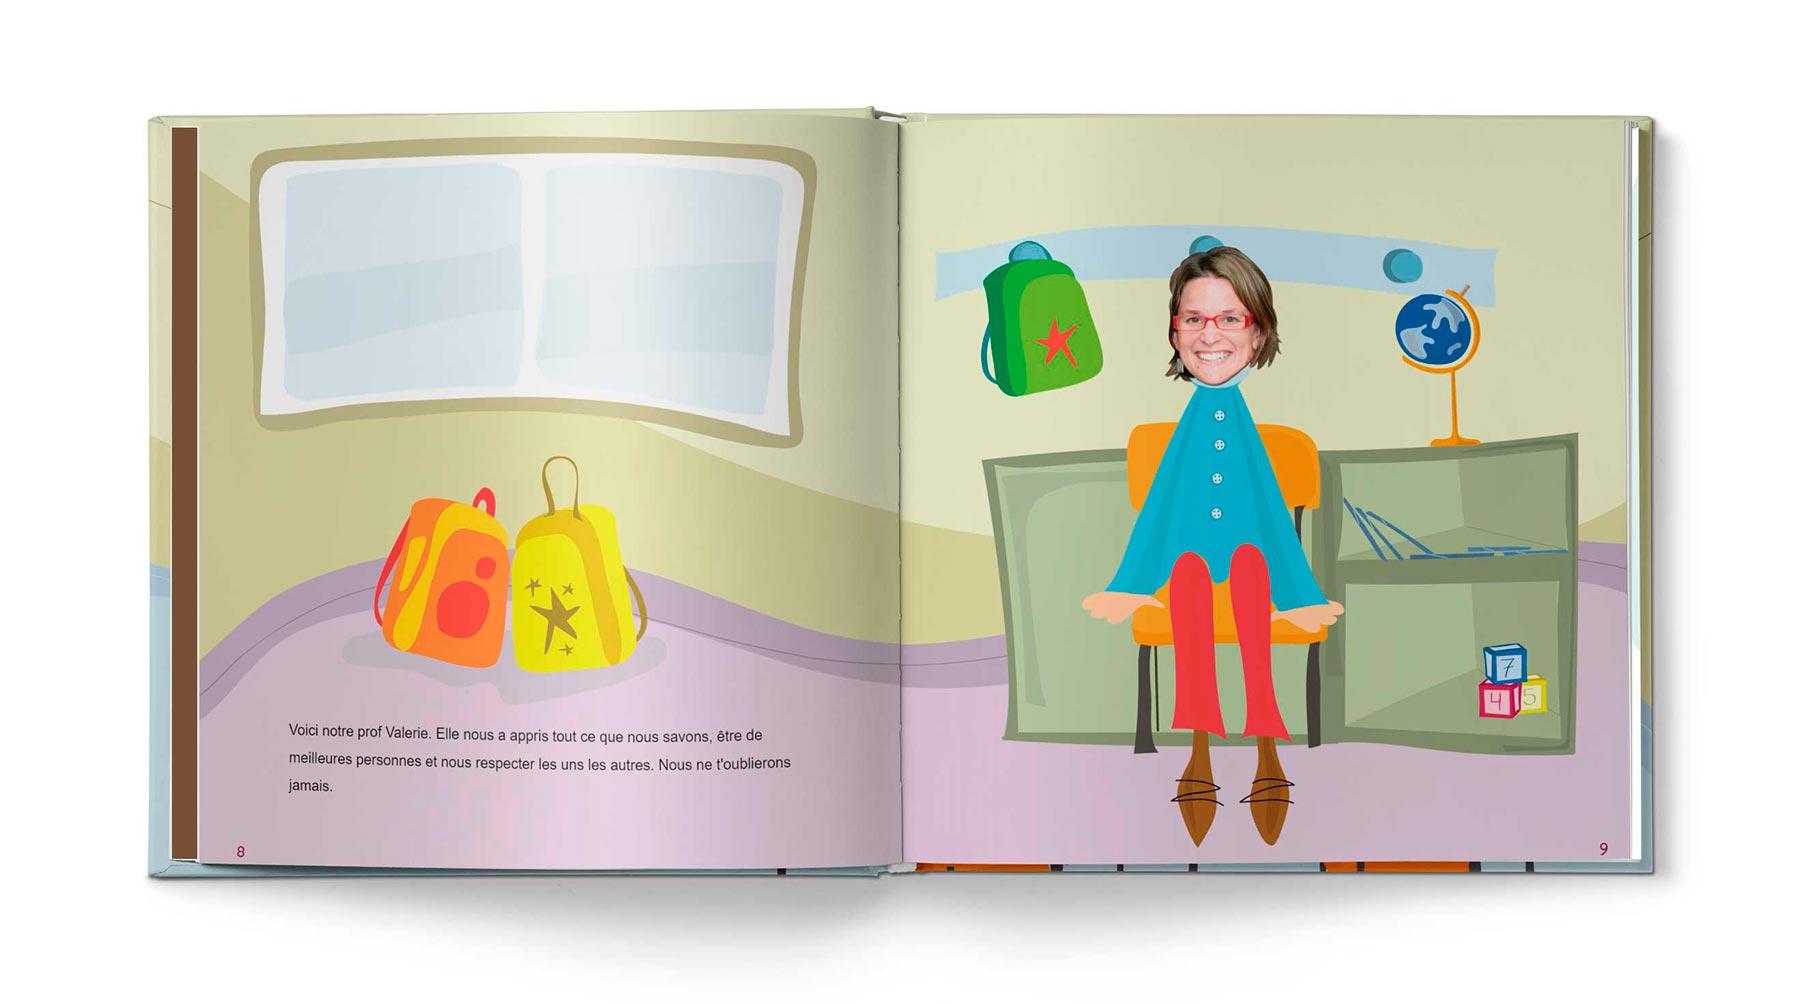 Histoire Le livre d'école - Image 4